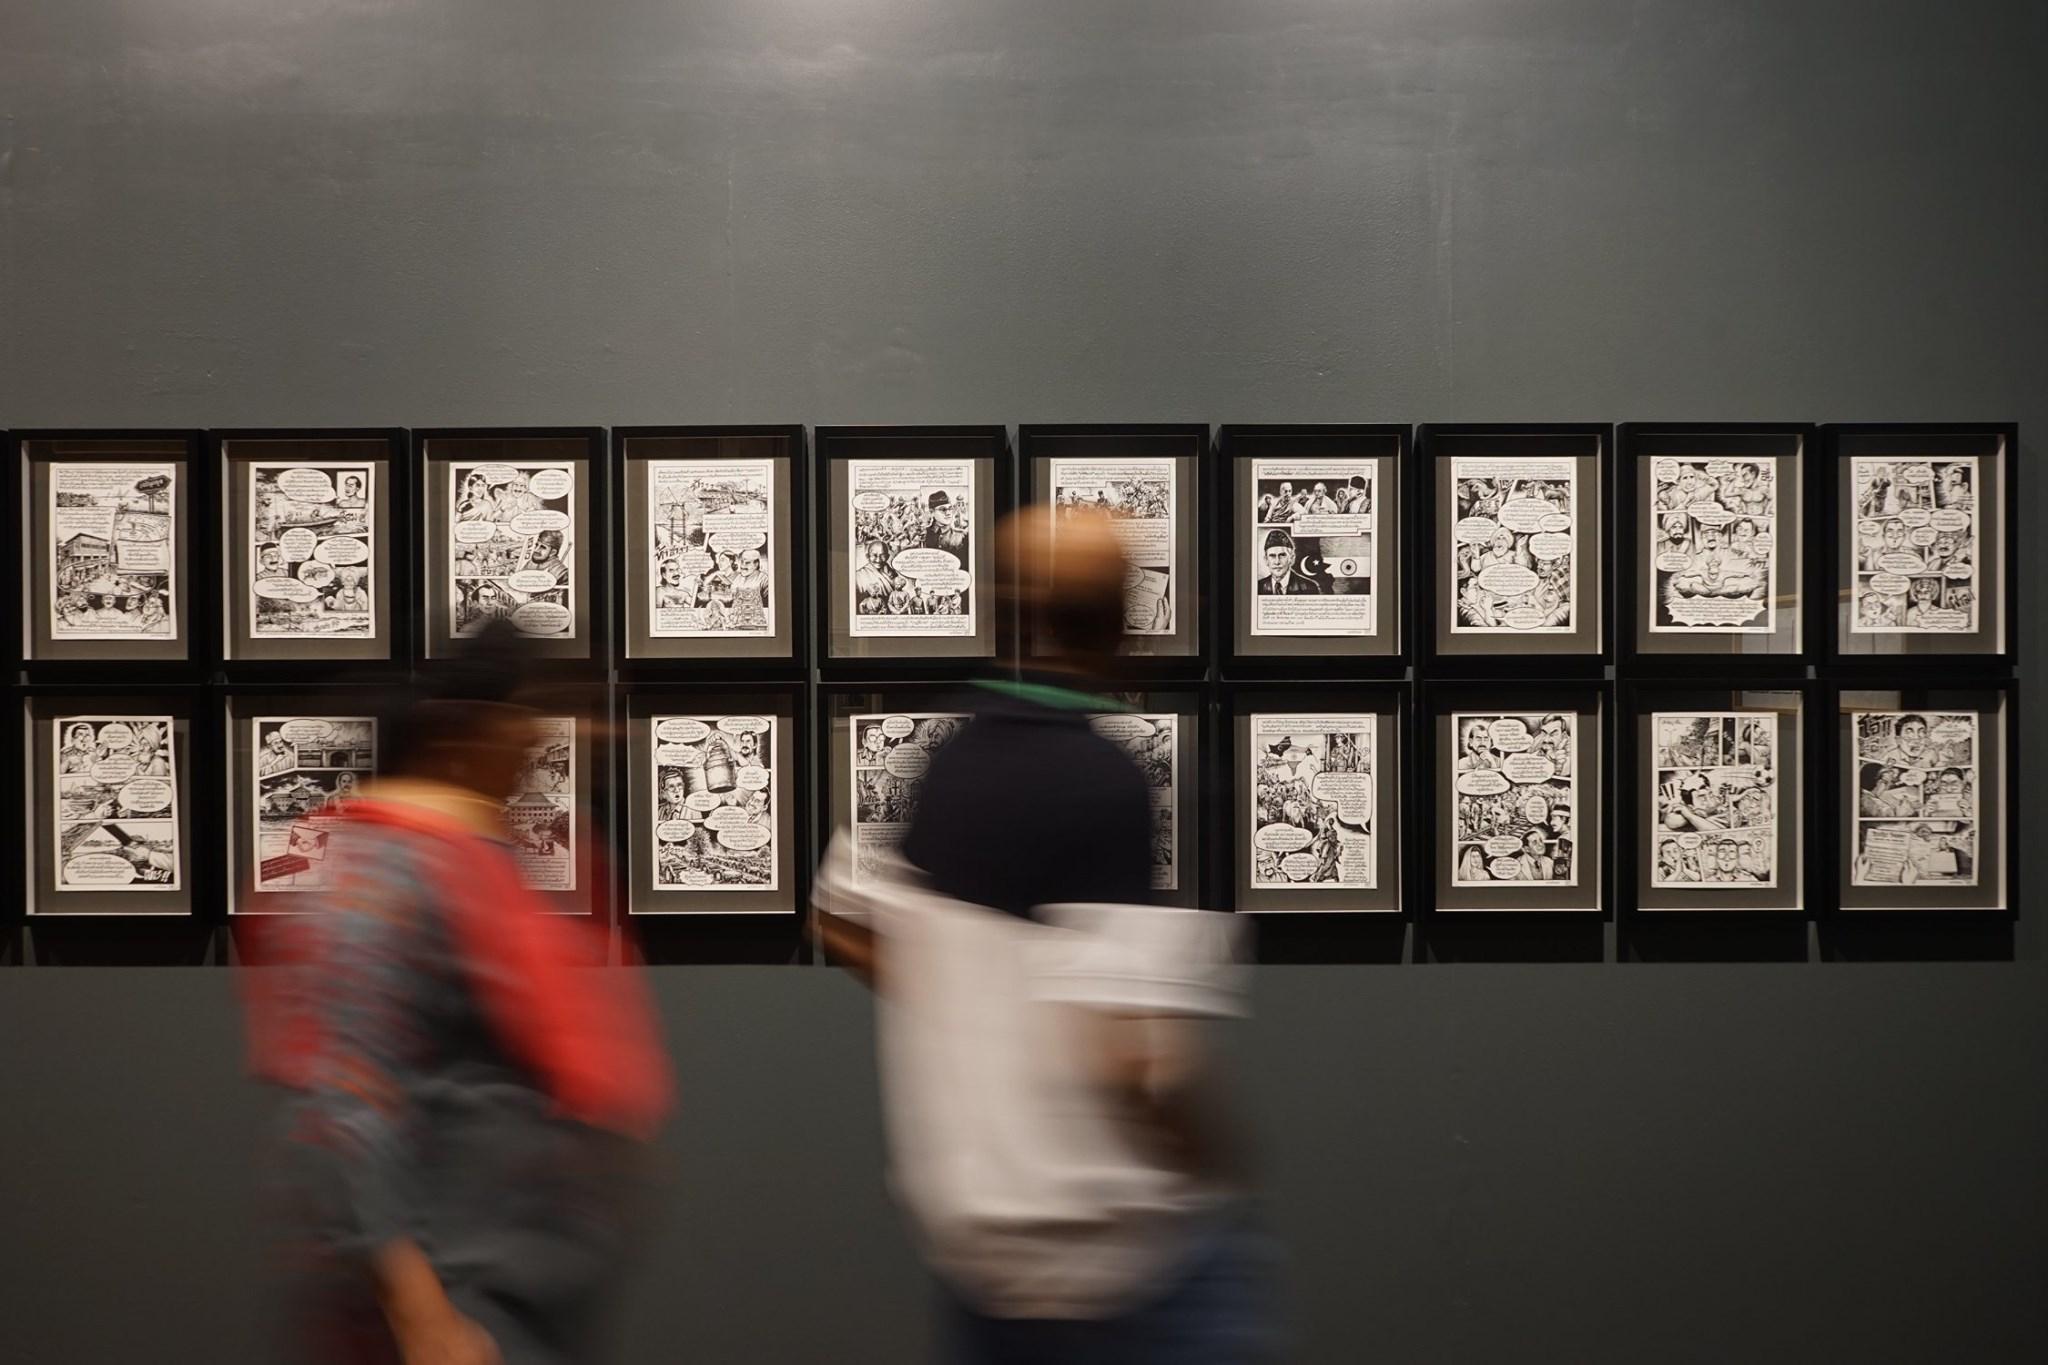 อัปเดตนิทรรศการศิลปะที่กำลังจัดแสดงในกรุงเทพฯ